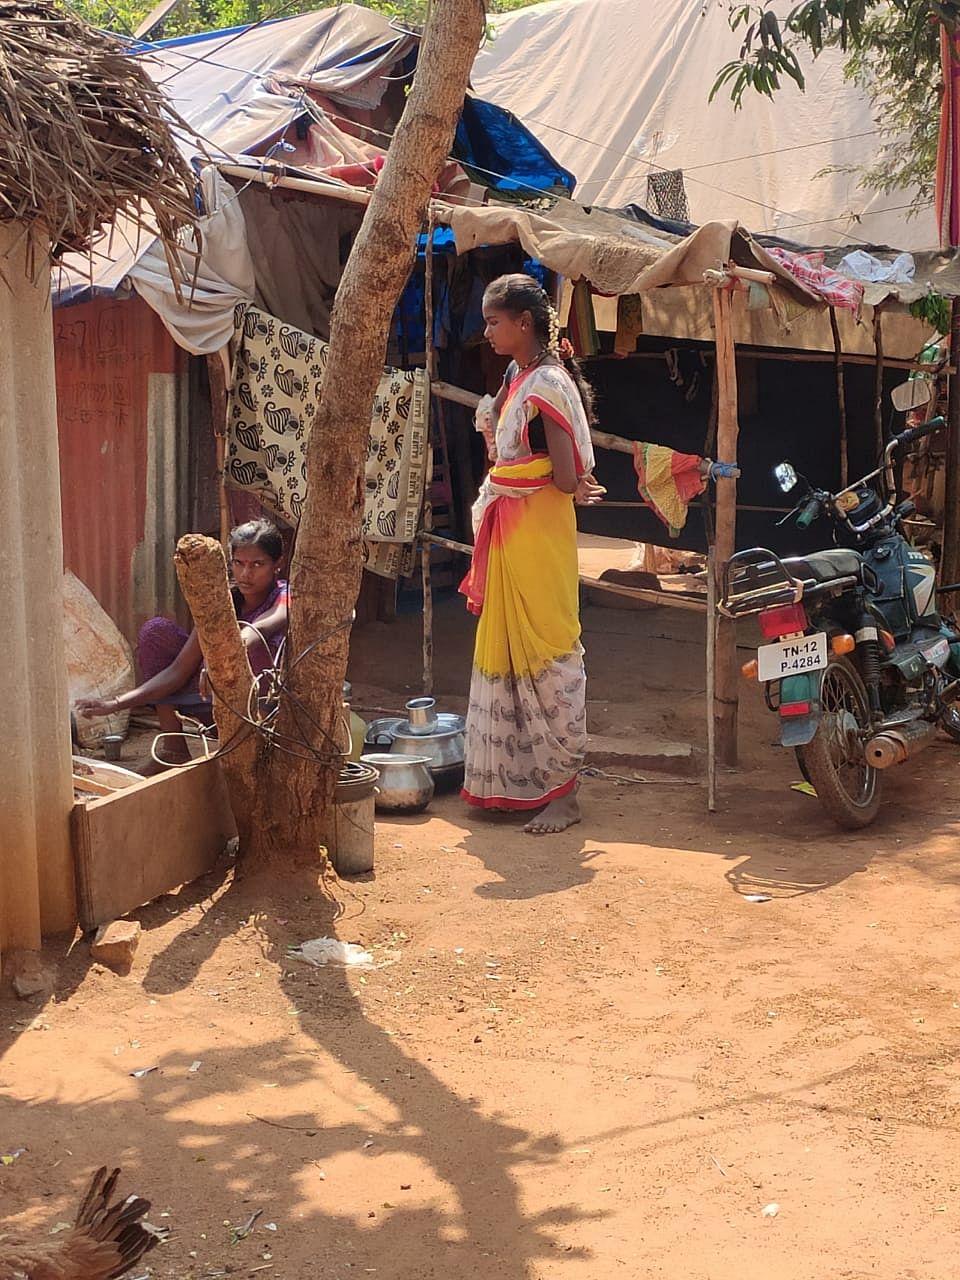 வினோநகர், மோரைப் பஞ்சாயத்து.